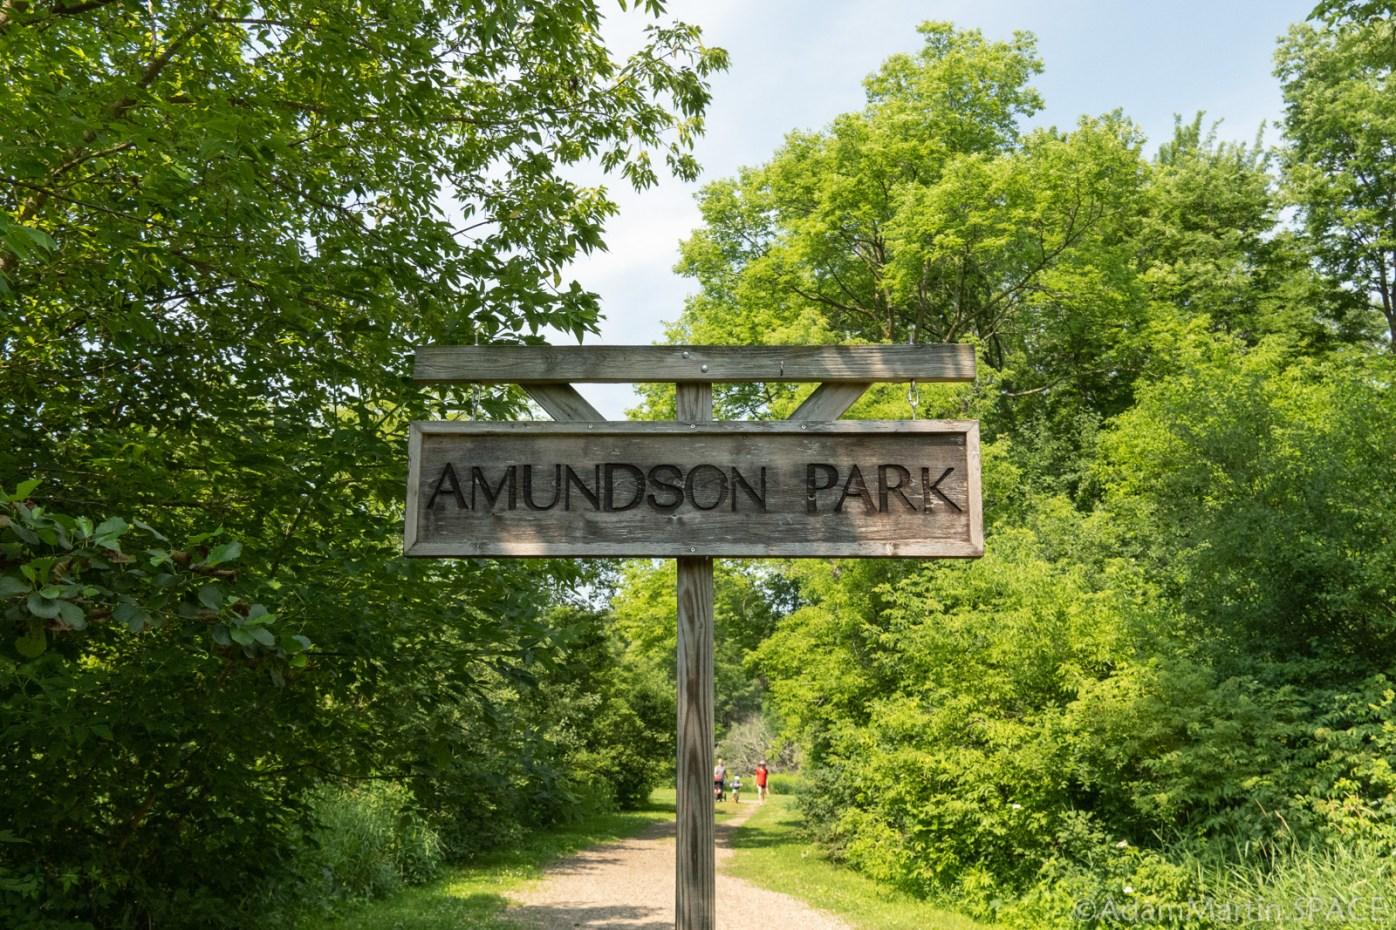 Amundson Park - Signpost